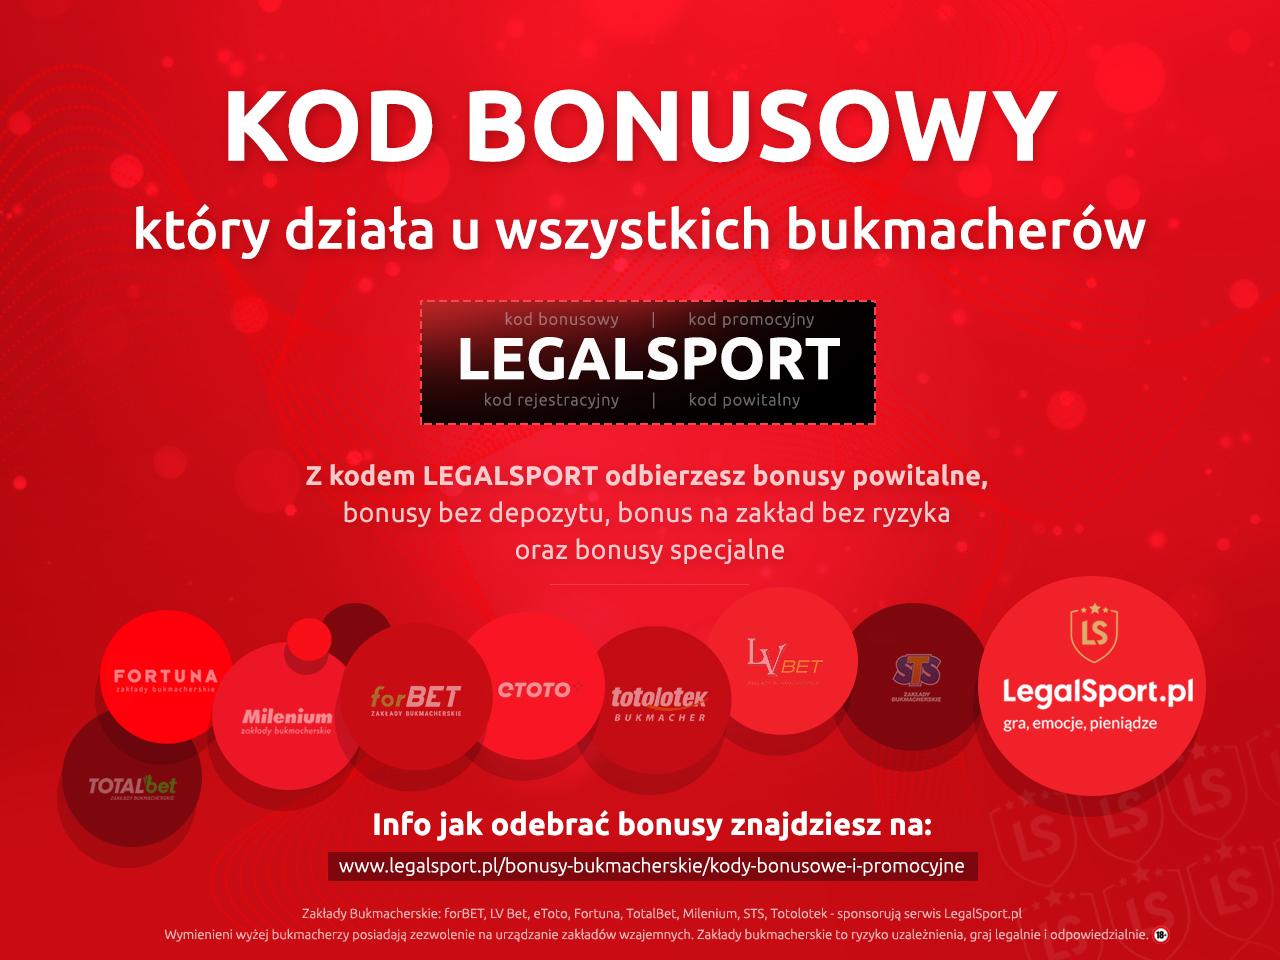 Najlepsze bonusy bukmacherskie z kodem LEGALSPORT